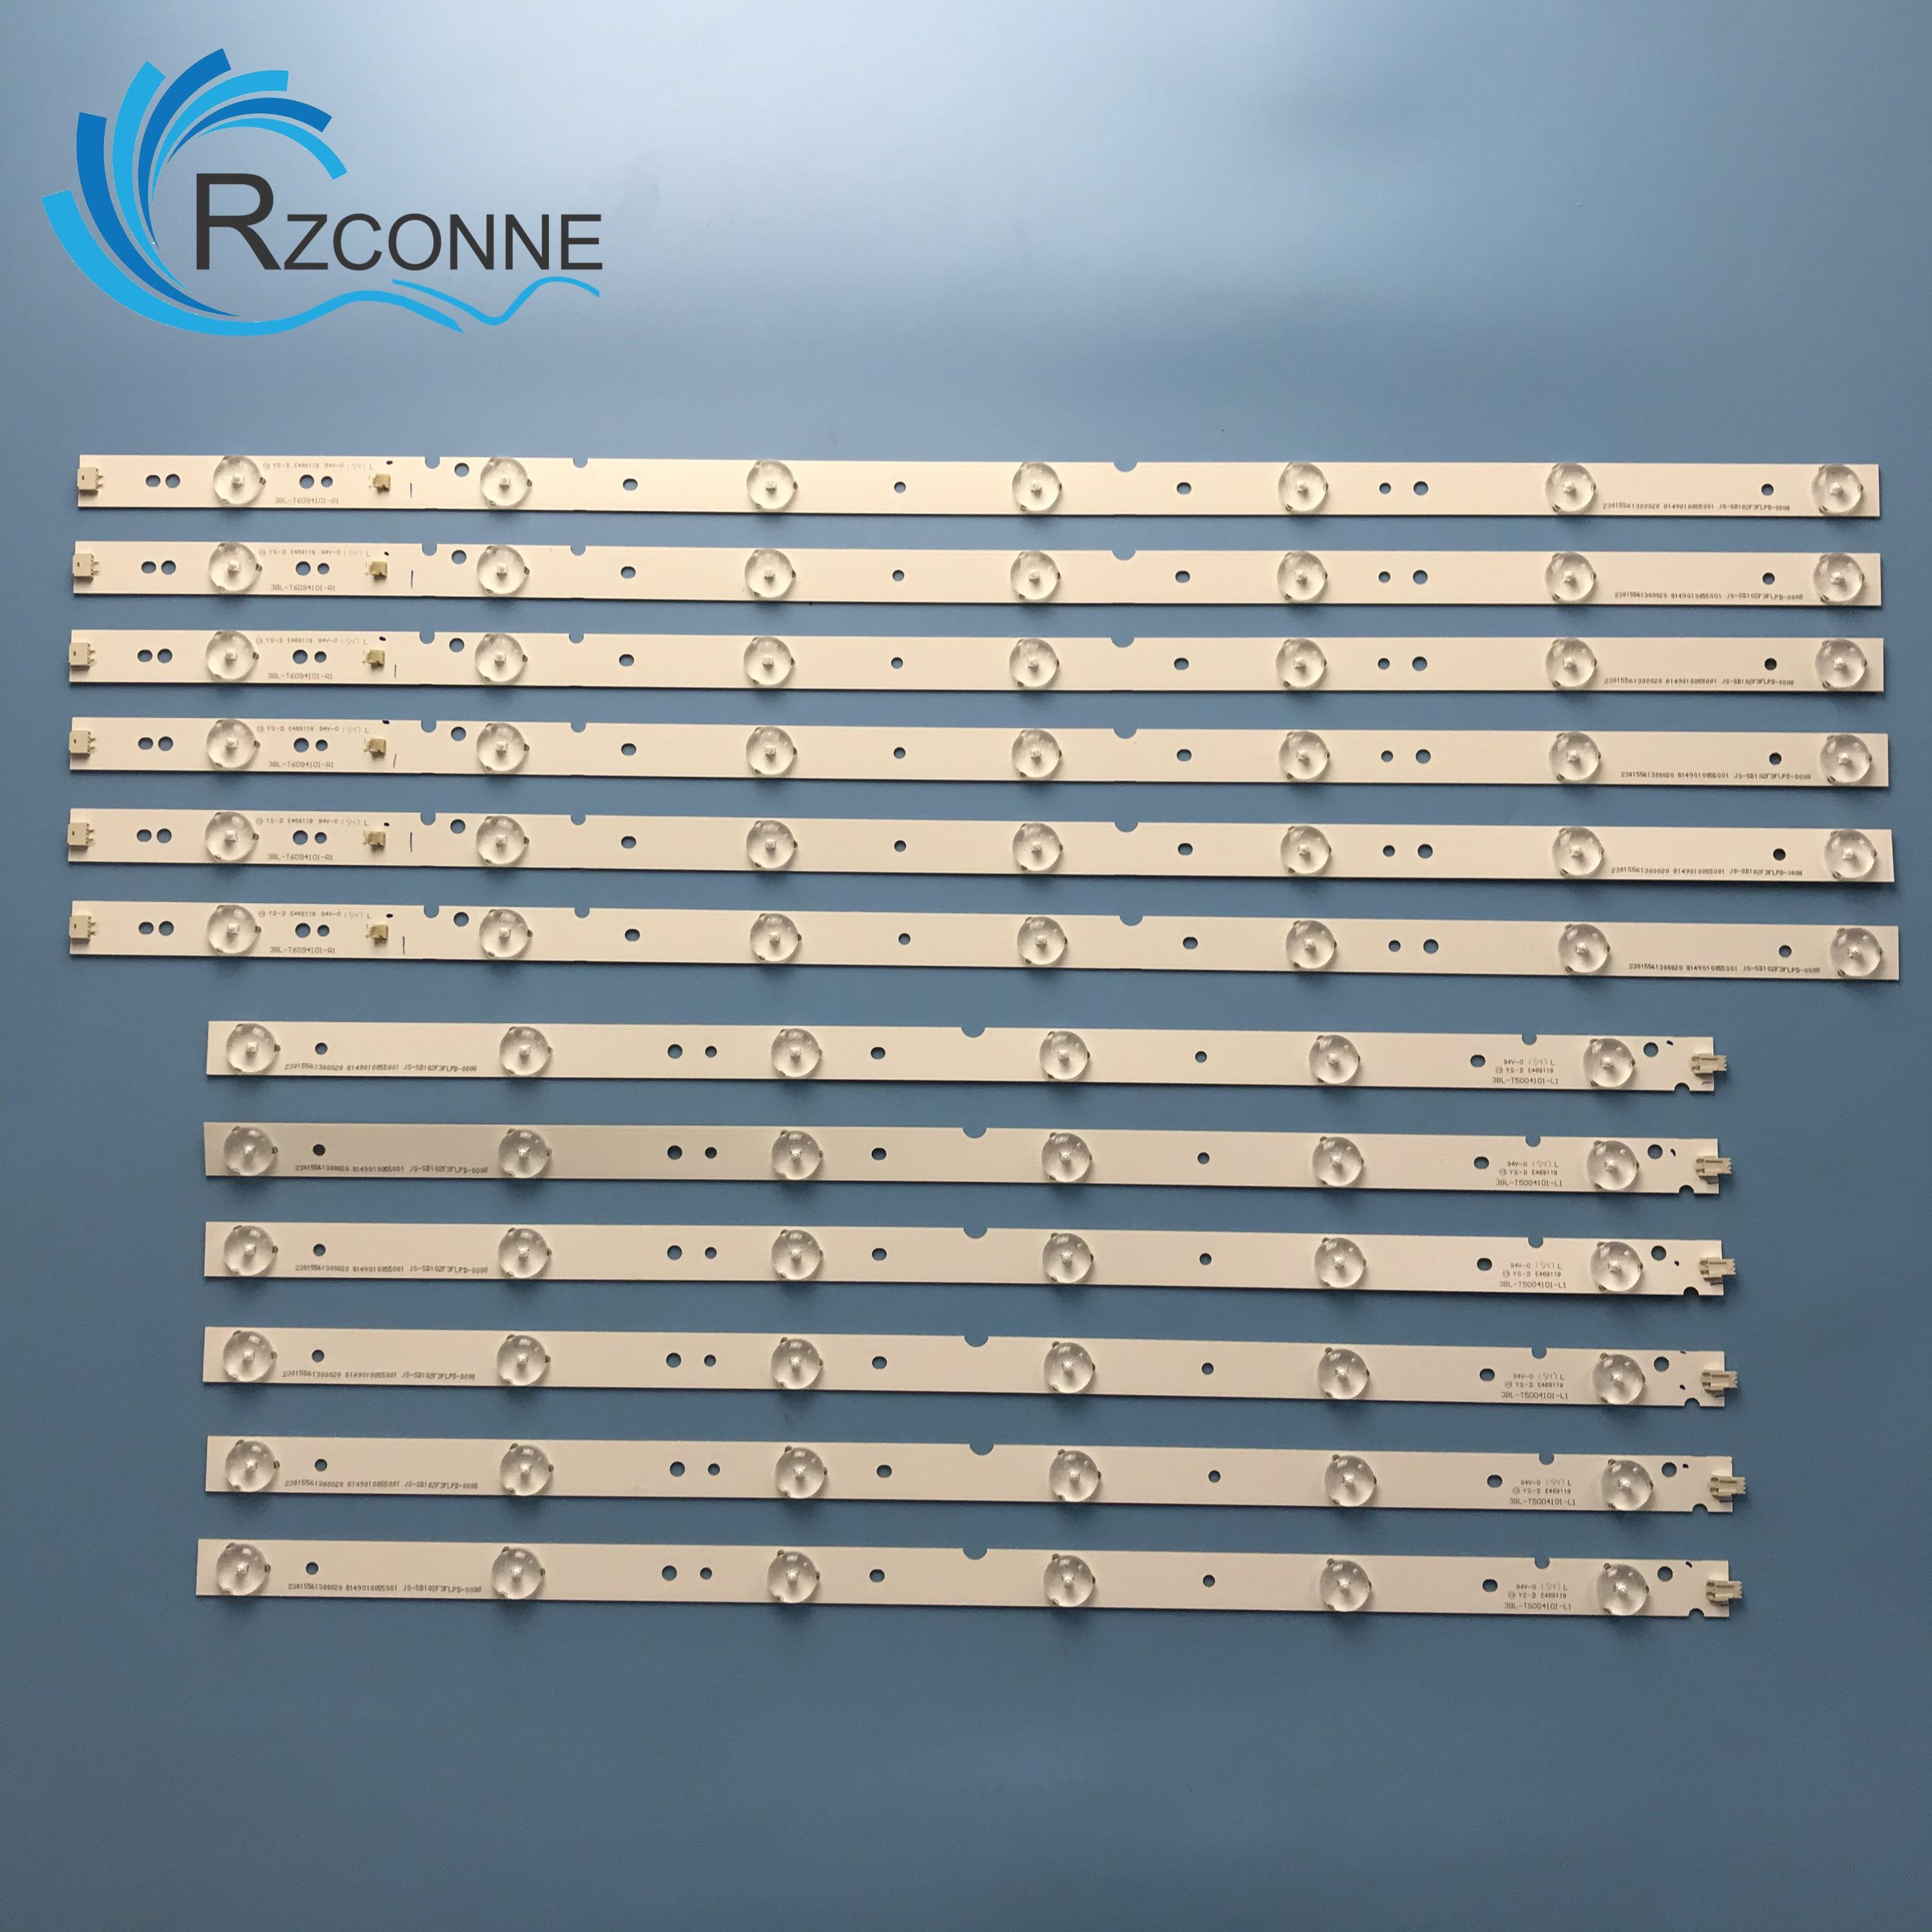 LED شريط إضاءة خلفي 6 + 7 مصباح ل 3BL-T6094101-R1 3BL-T5004101-L1